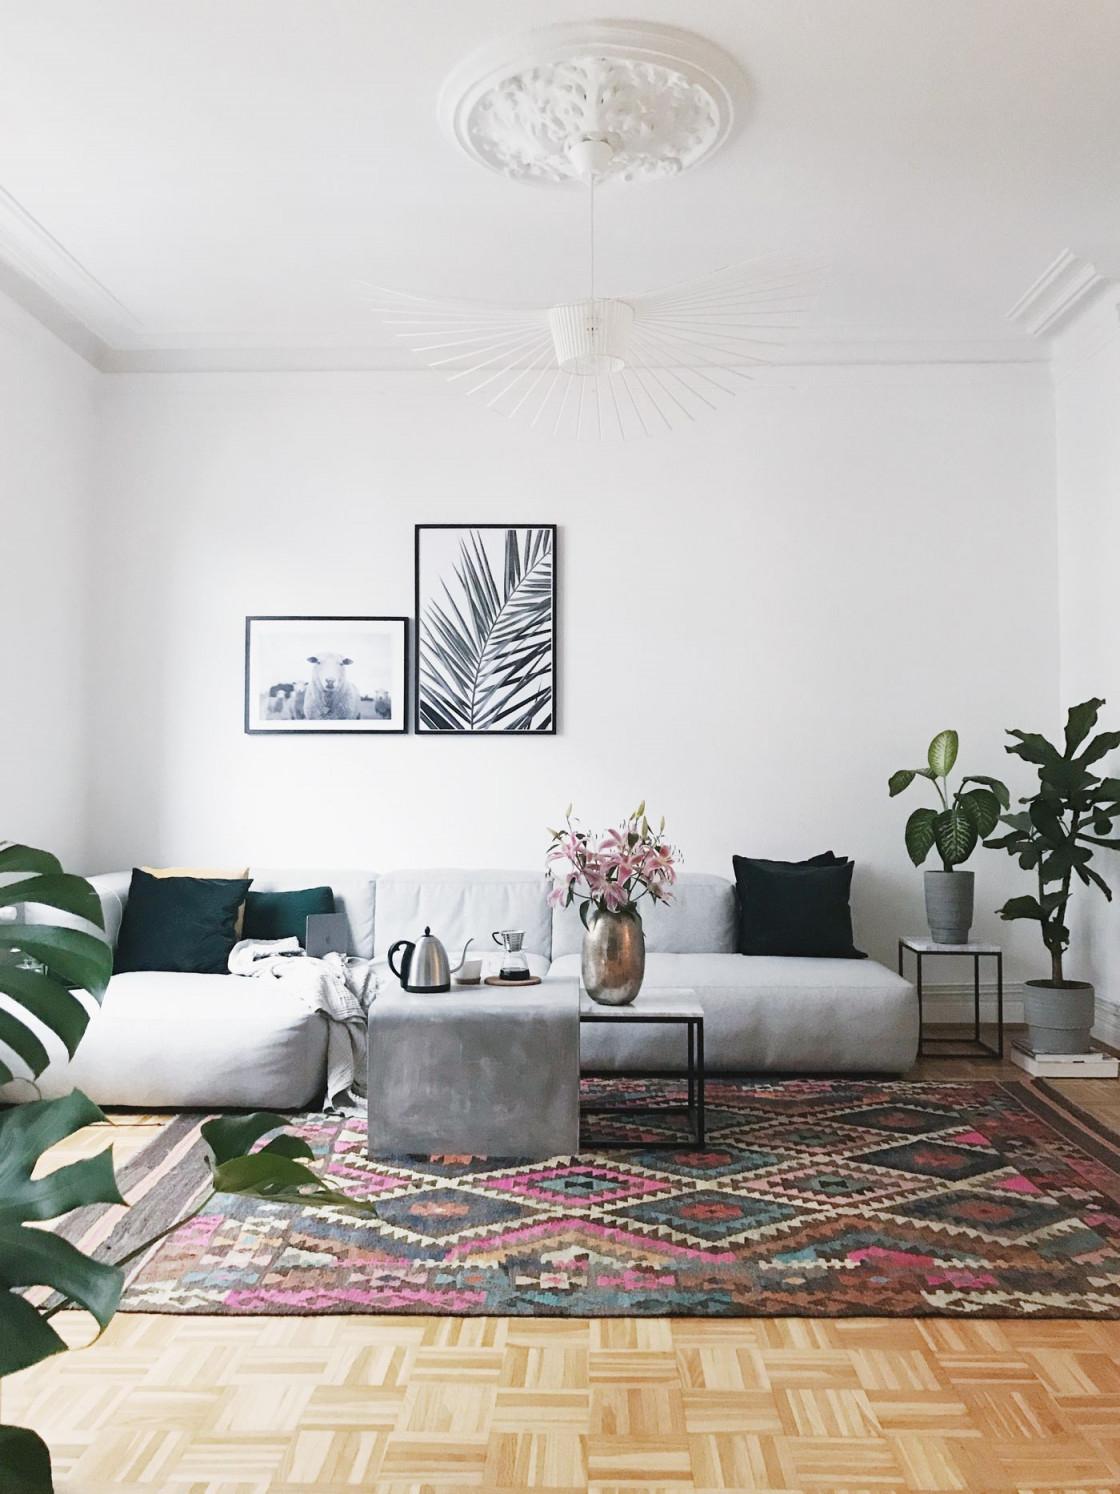 Die Schönsten Wohnzimmer Deko Ideen von Deko Bilder Für Wohnzimmer Bild